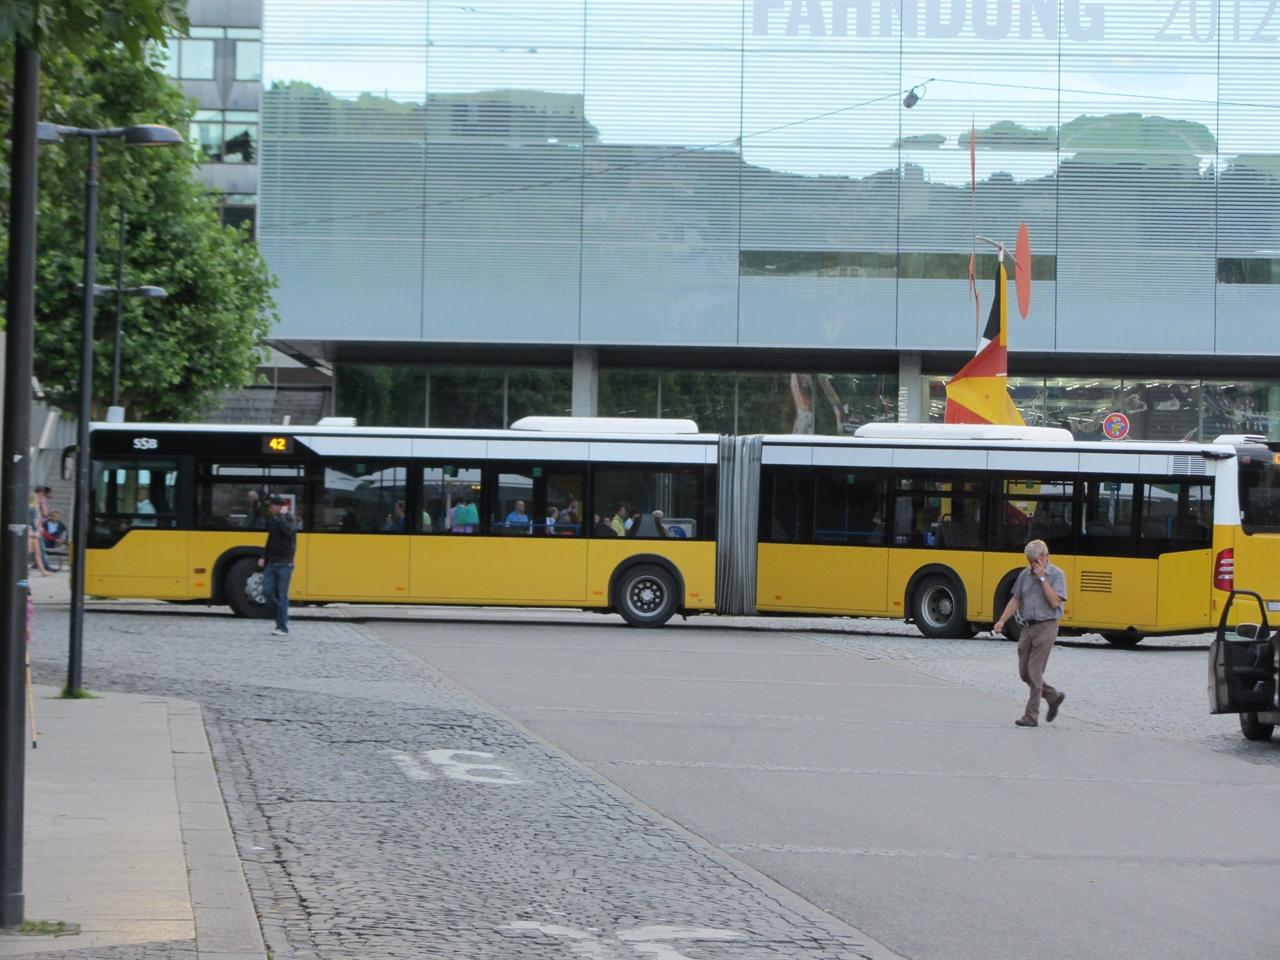 기존의 굴절버스보다 용량을 더 증대한 굴절버스 독일 슈트트가르트에서 운행중인 시내버스로 기존 18m급 굴절버스보다 조금 더 긴 굴절버스로서 한번에 더 많은 승객을 수송하기 위한 방안으로 길이가 확장된 굴절버스이다.